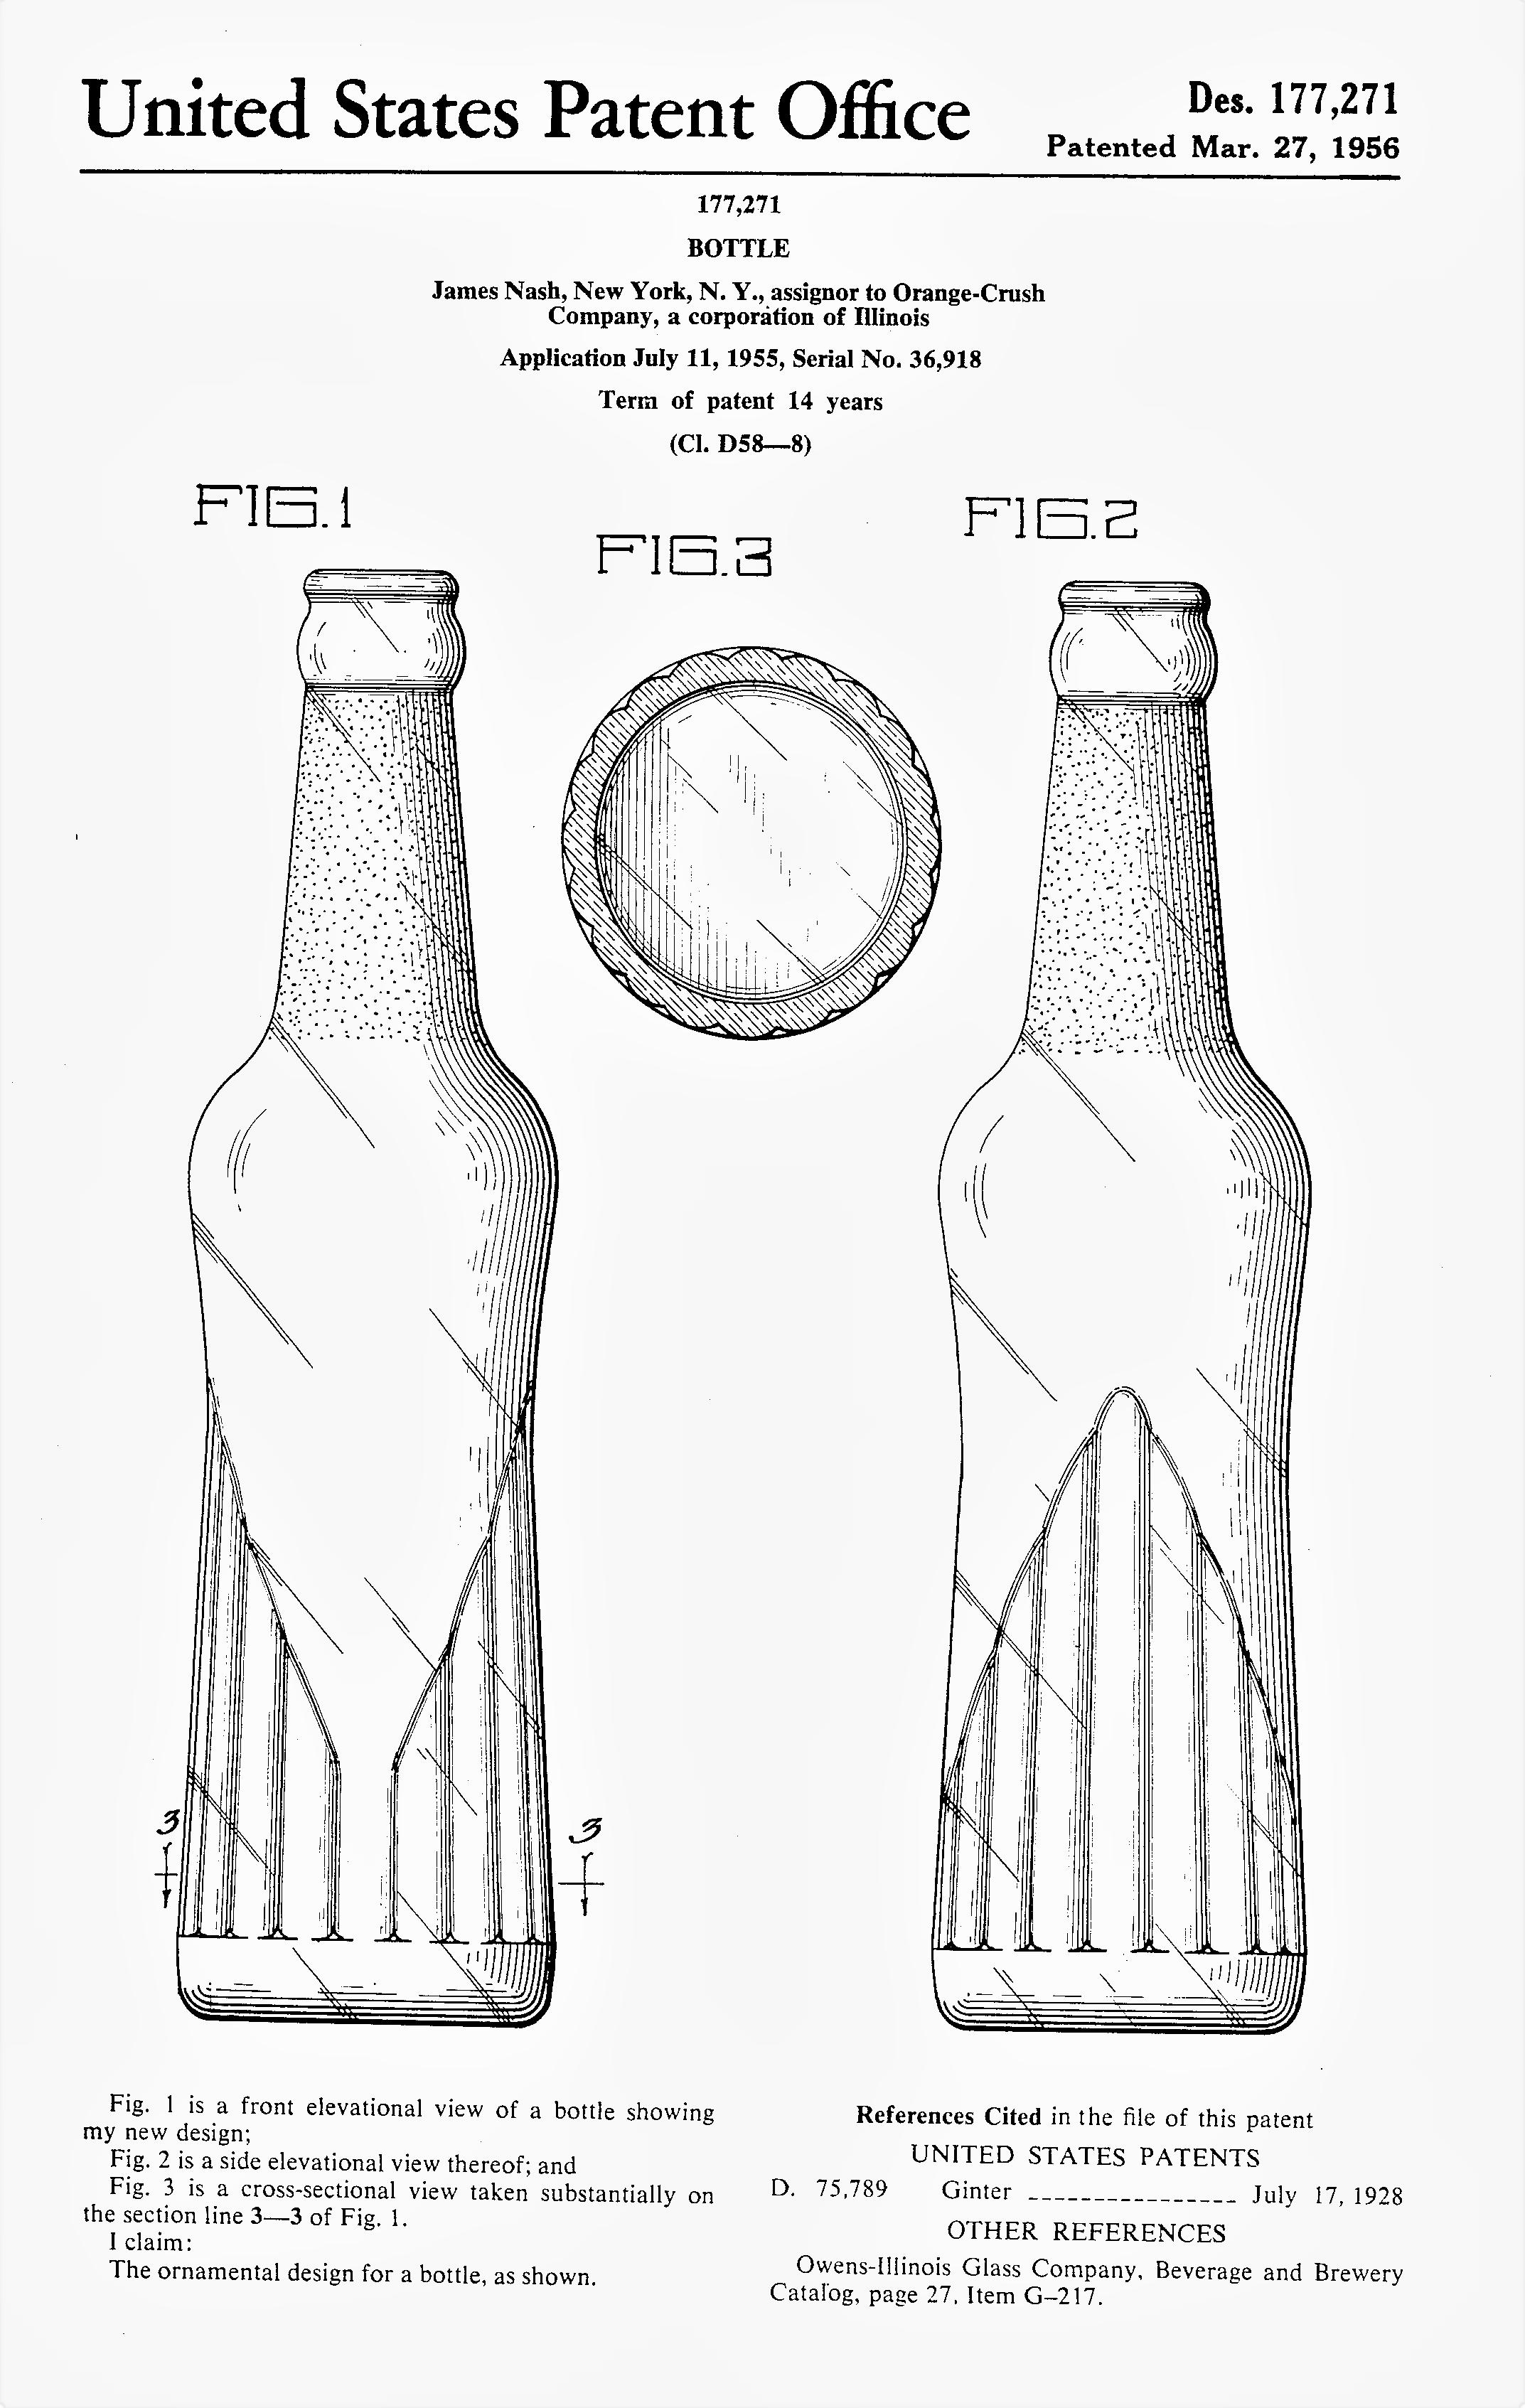 Orange Crush Patent 1955-1956 James Nash.png